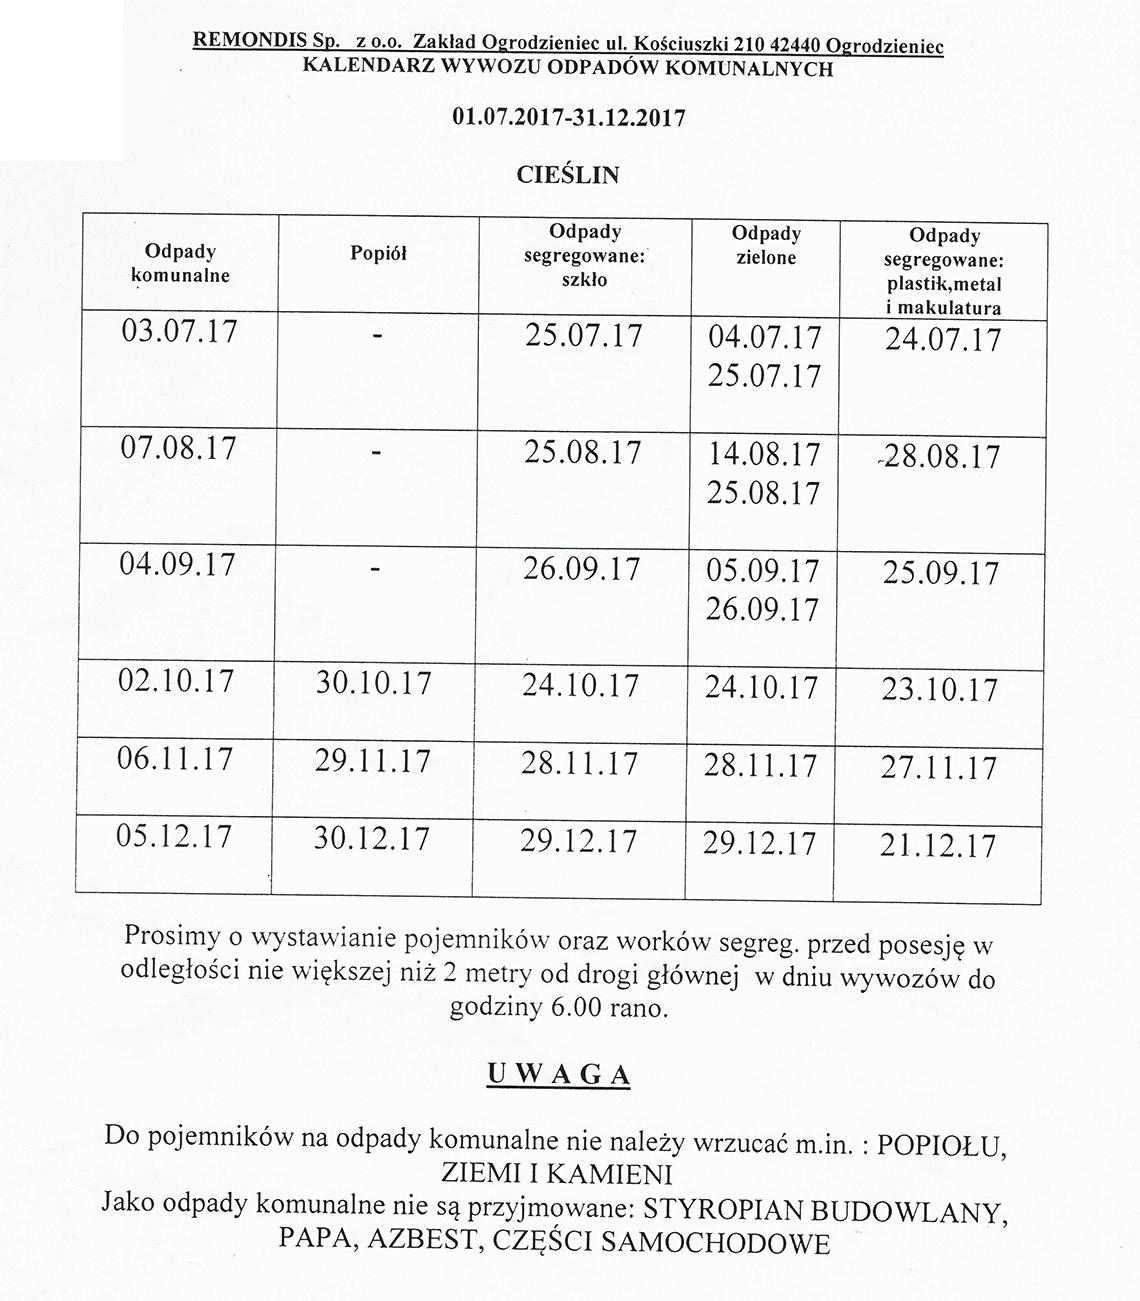 Harmonogram wywozu odpadów komunalnych 01.07.2017 - 31.12.2017